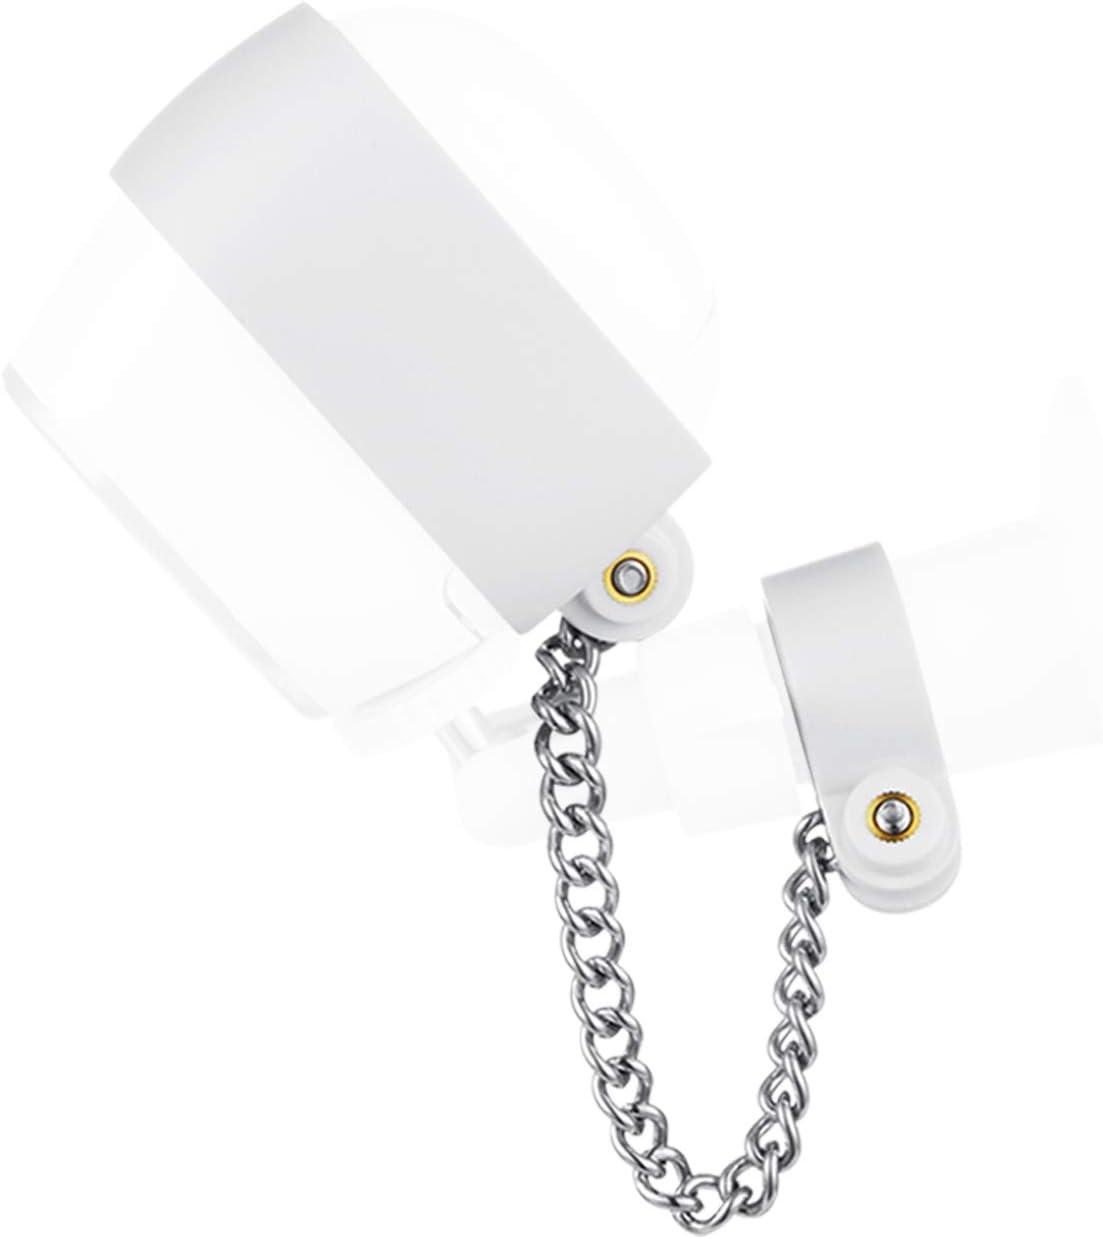 Wasserstein Anti-Diebstahl-Sicherheitskette kompatibel mit Arlo HD 2er-Pack, wei/ß Extra Sicherheit f/ür Ihre Arlo-Kamera